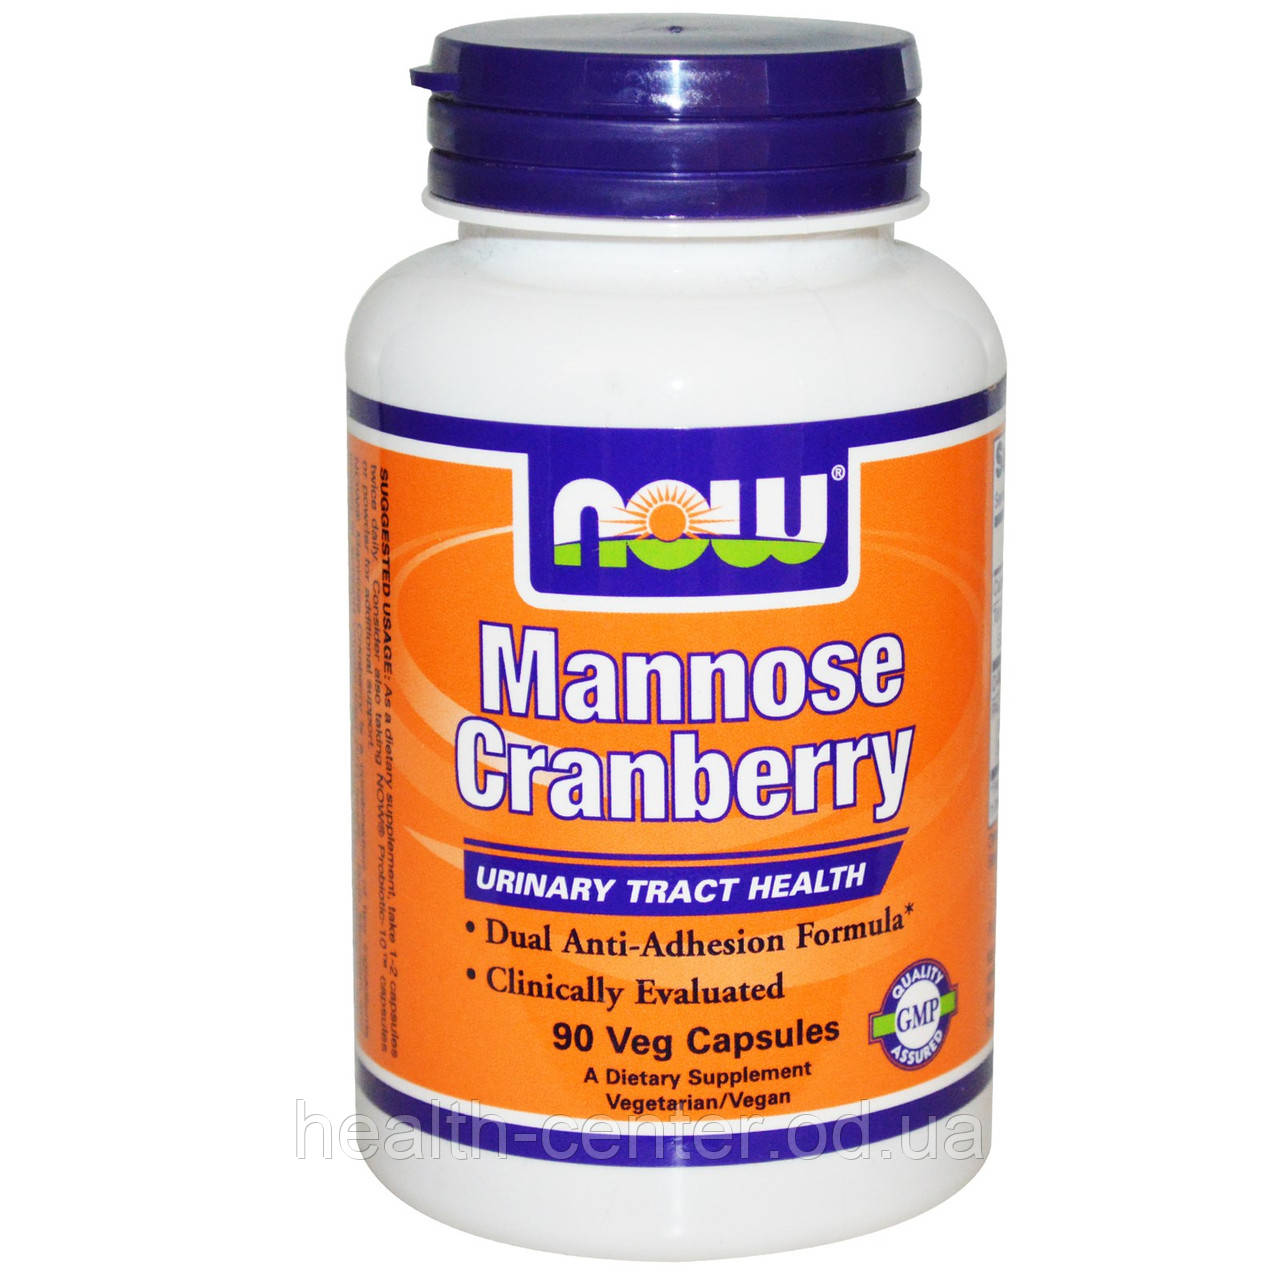 Mannose Cranberry (D-манноза + клюква) 450мг+250мг 90 капс лечение воспаления мочевого пузыря  почек NOWFoods